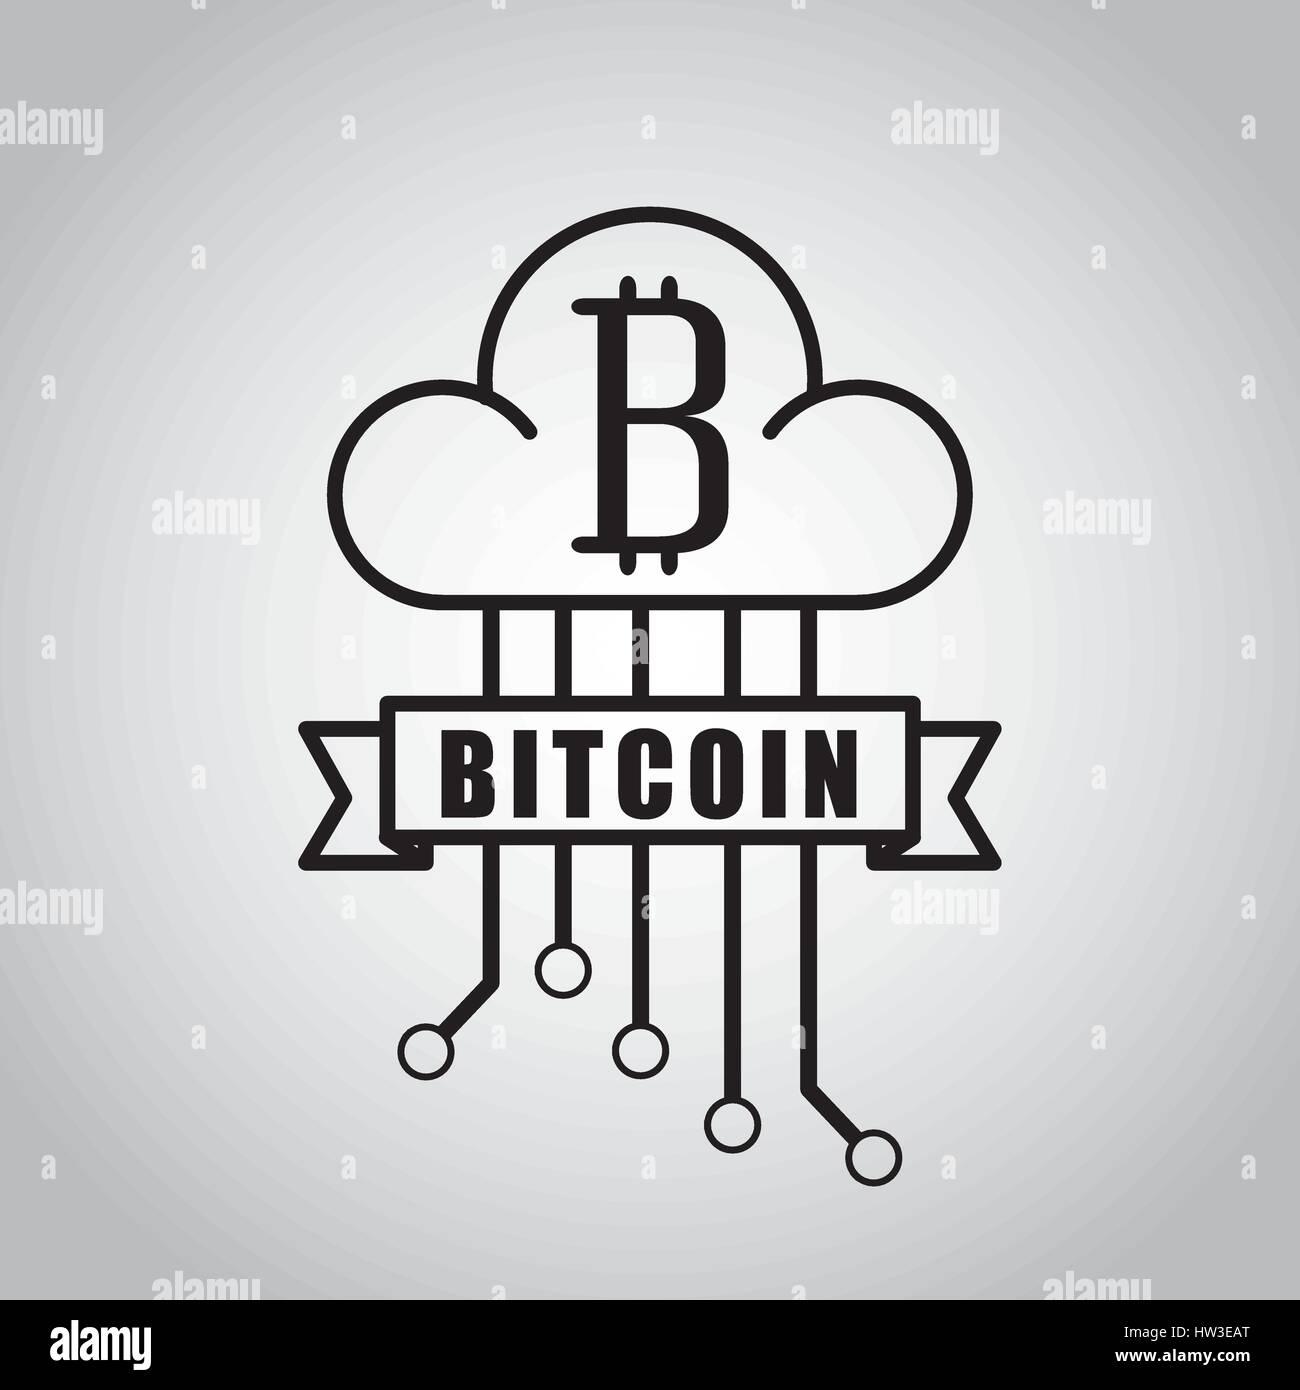 bitcoin virtual coin design - Stock Image